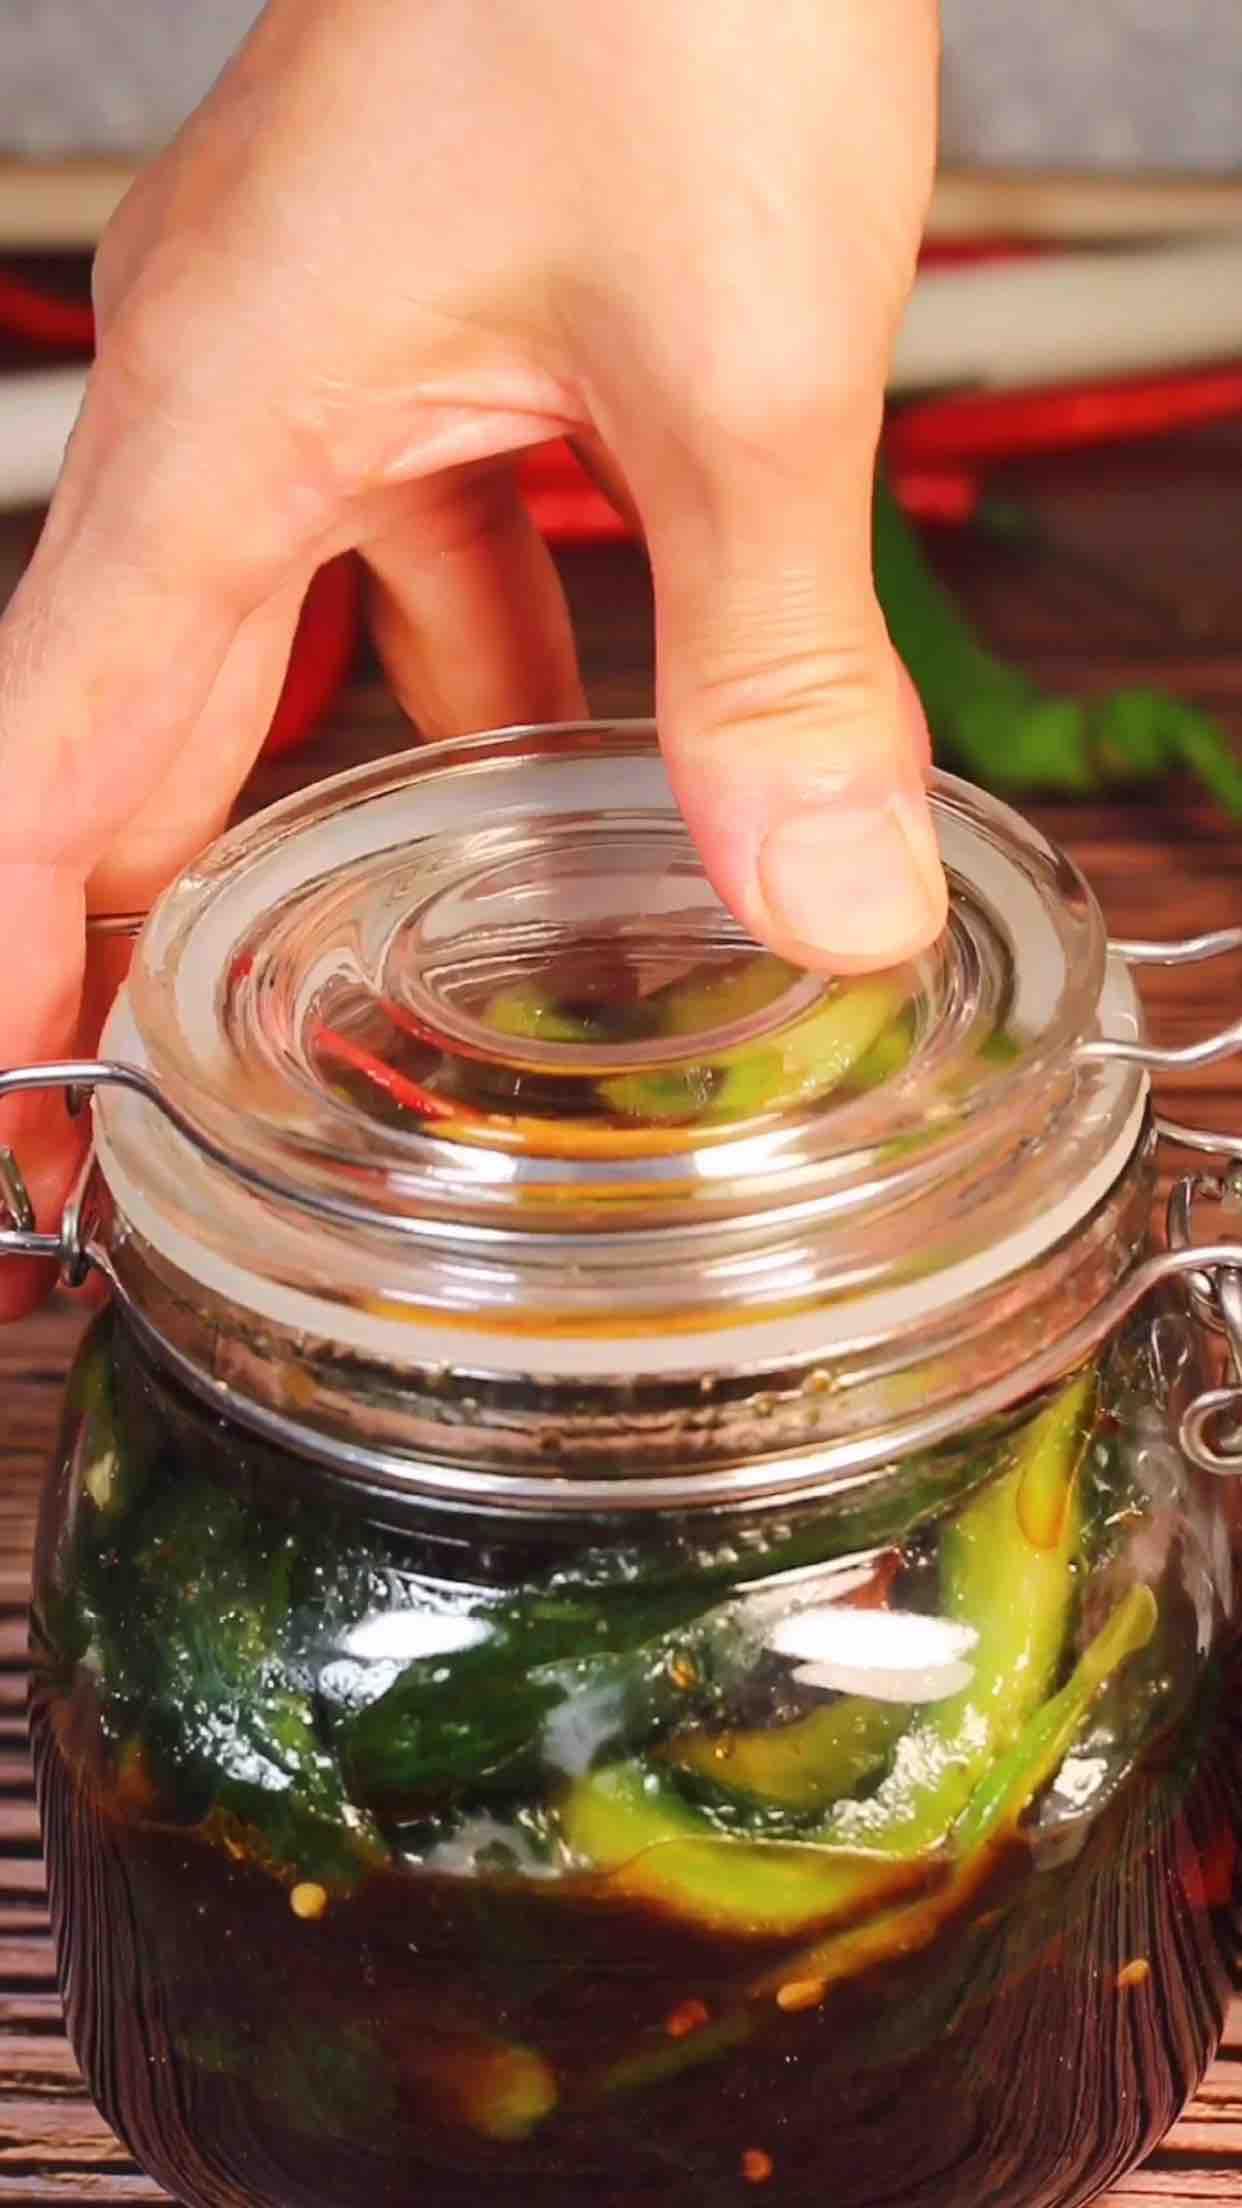 脆腌黄瓜的制作